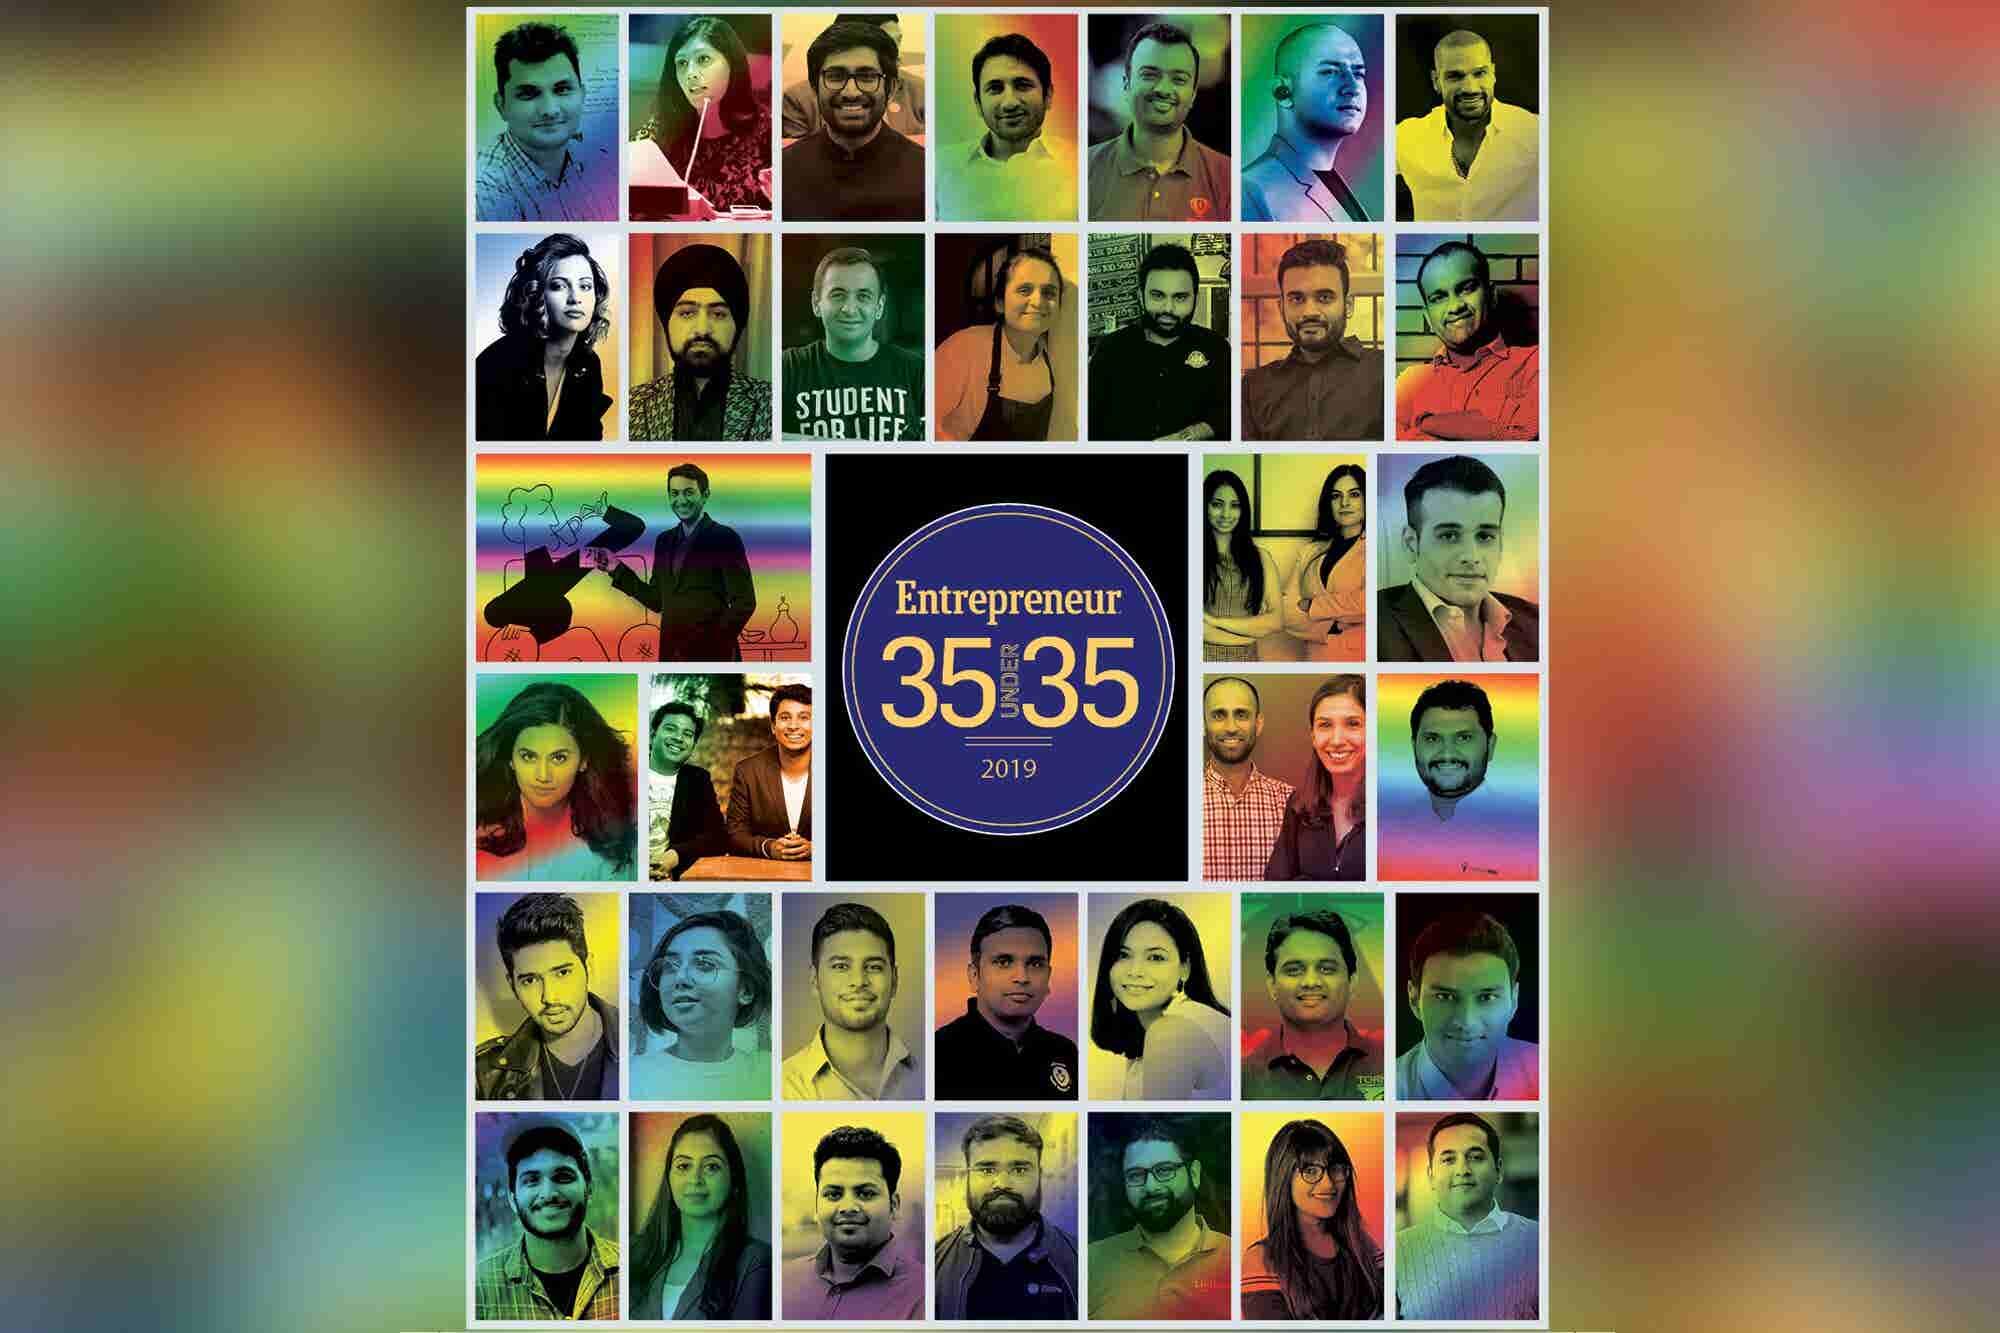 Entrepreneur Reveals its 35 Under 35 Class of 2019